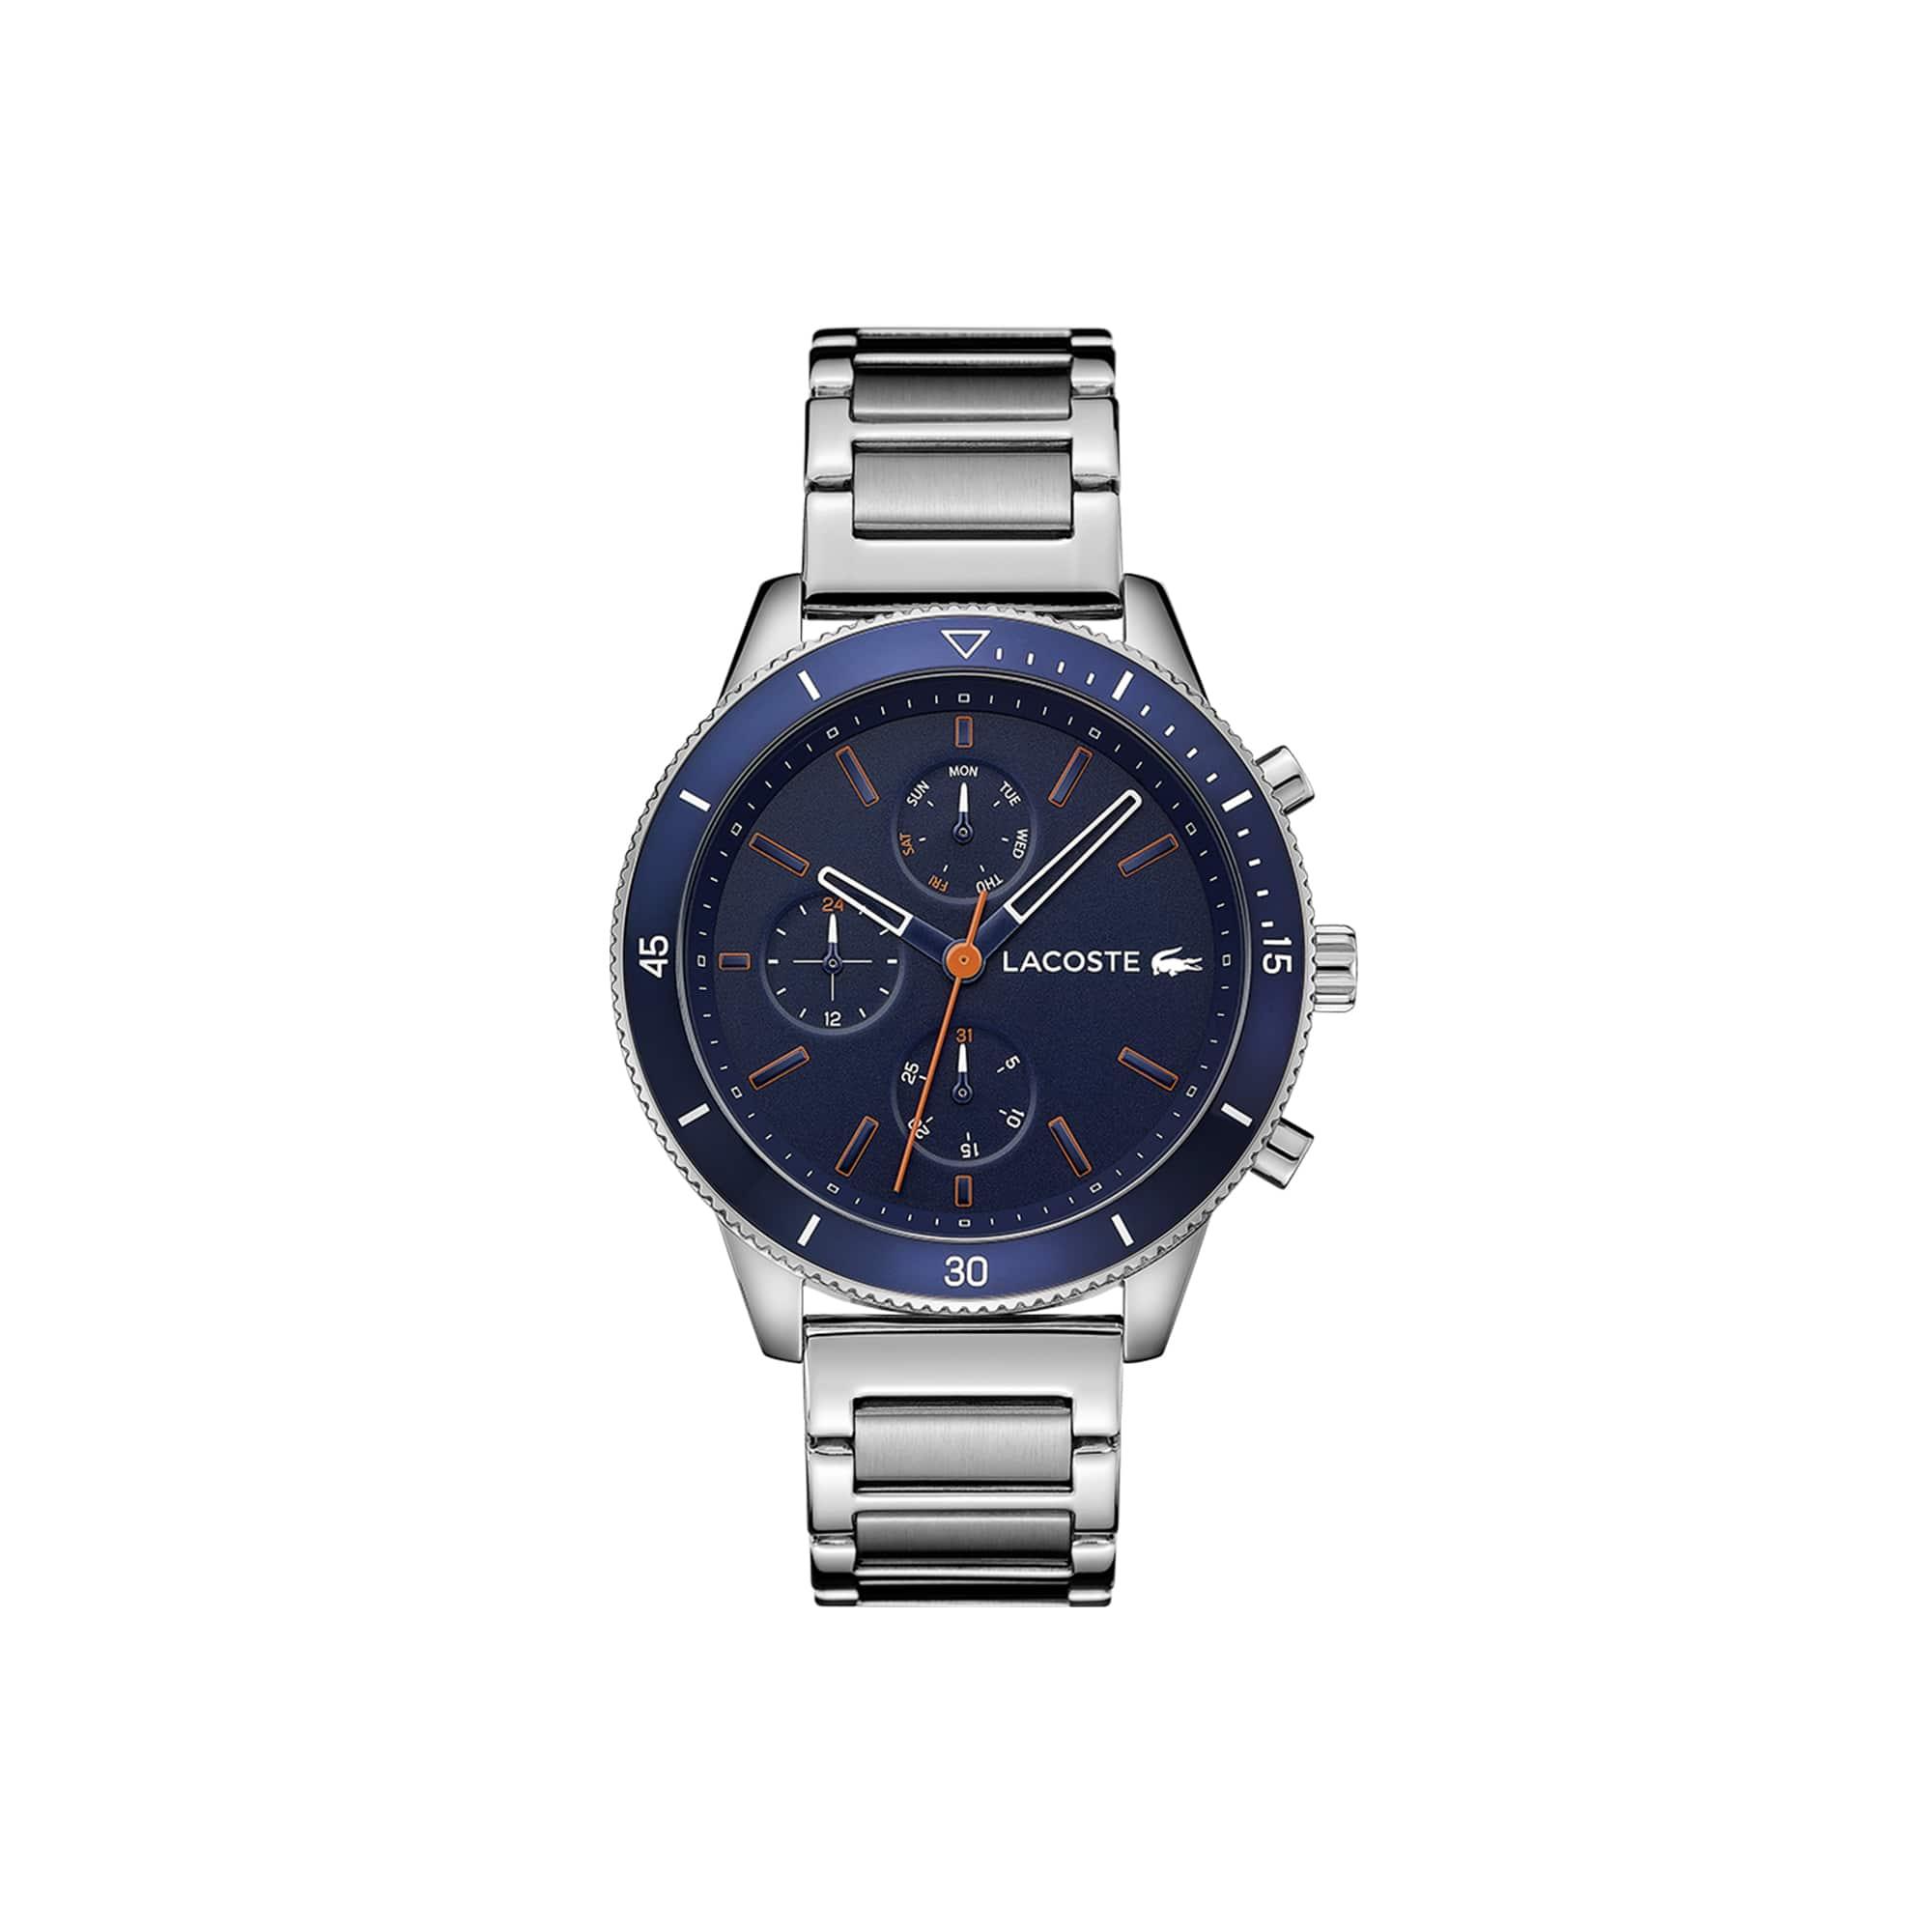 b134f9a7da7 Men s Watches